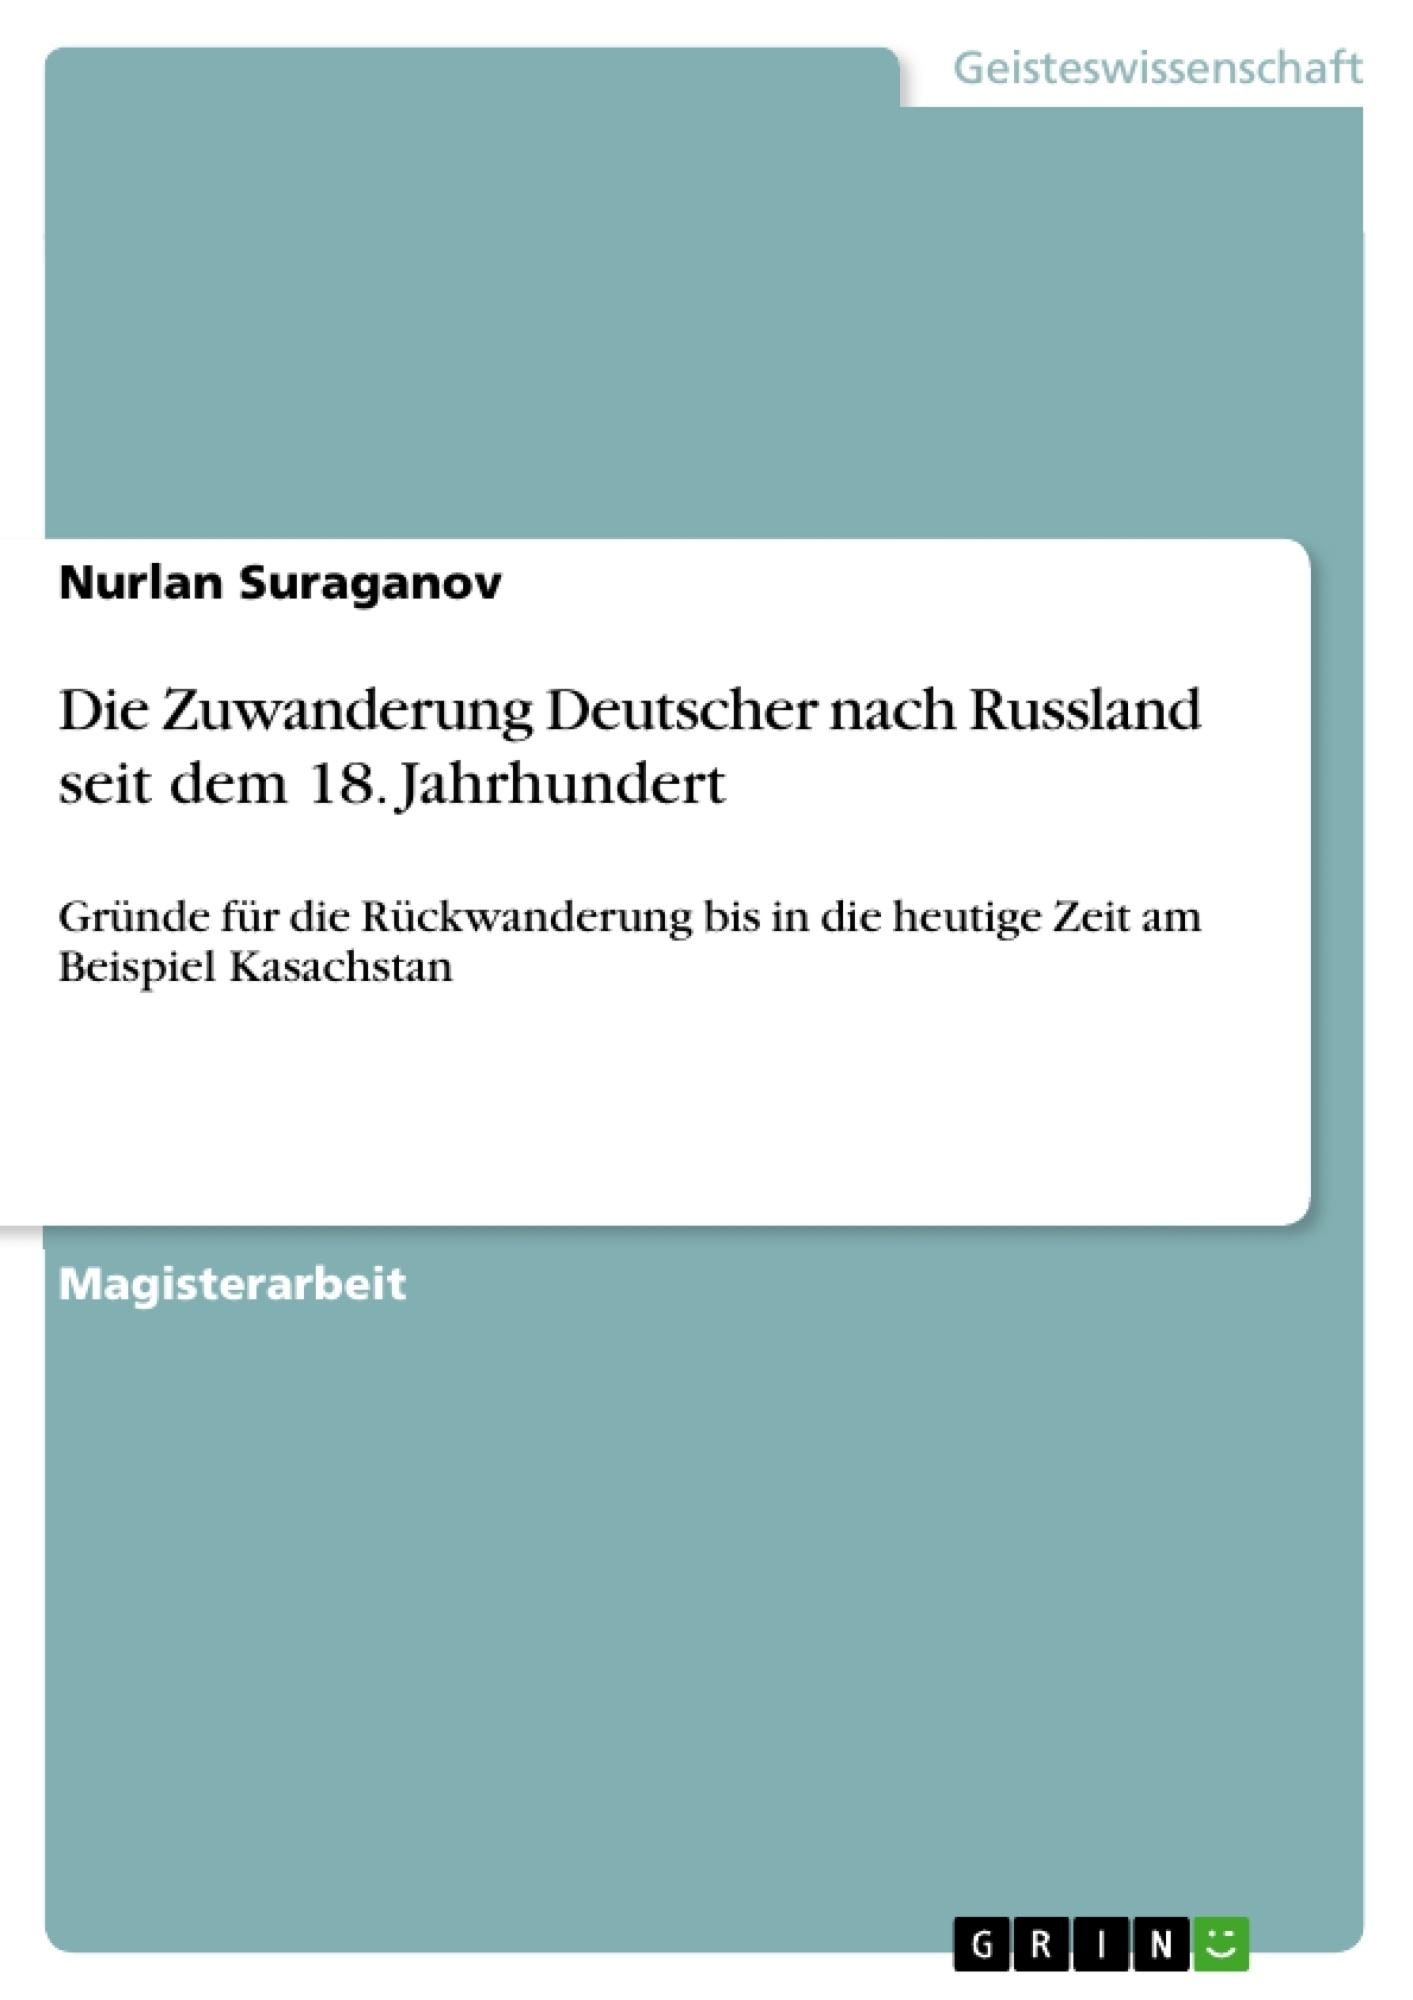 Titel: Die Zuwanderung Deutscher nach Russland seit dem 18. Jahrhundert